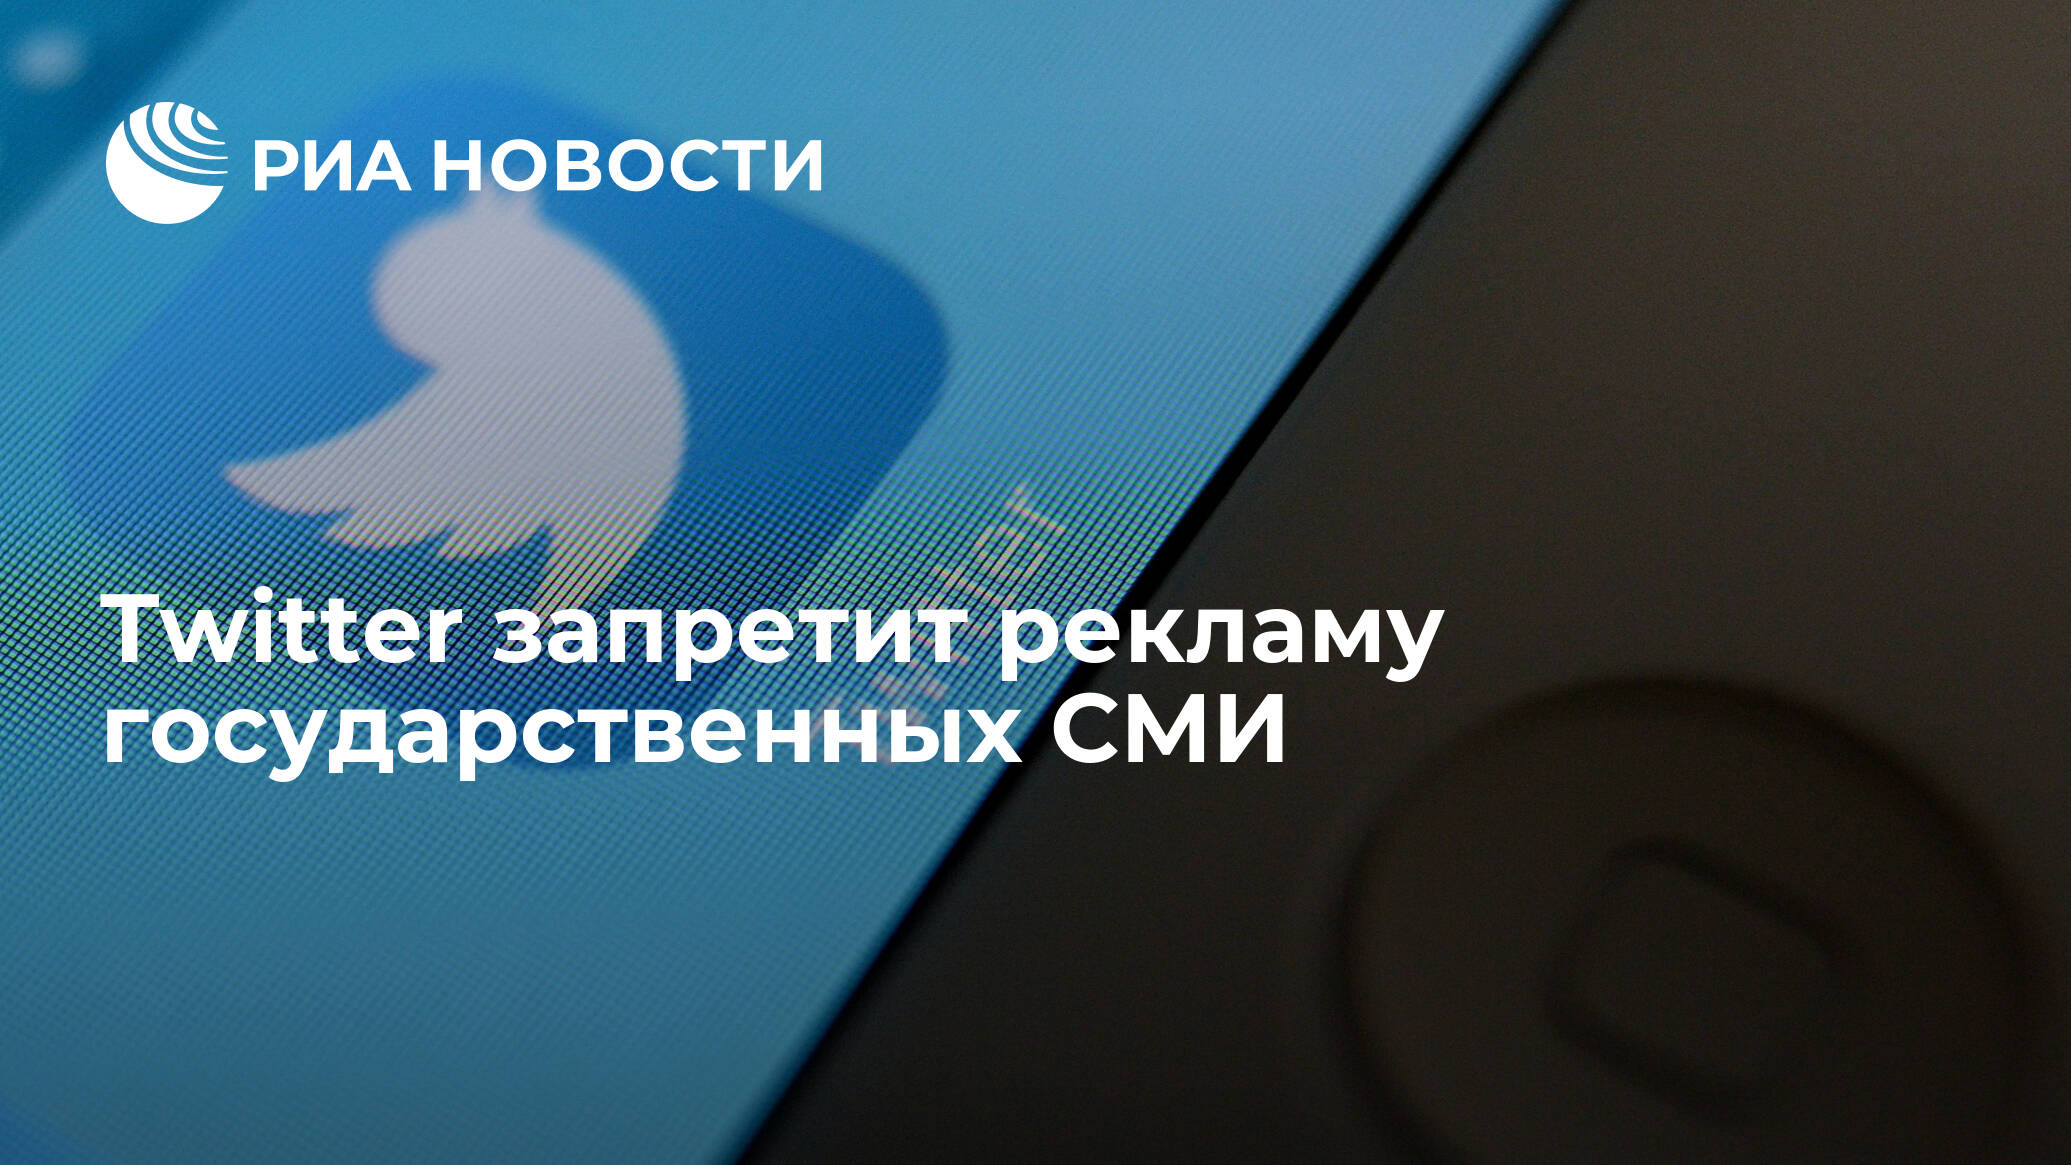 Twitter запретит рекламу государственных СМИ - РИА Новости ...